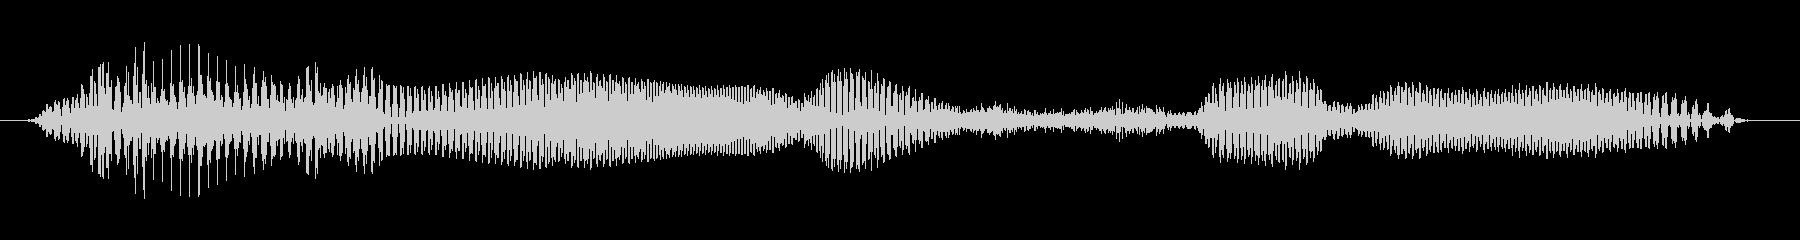 ラウンド3の未再生の波形